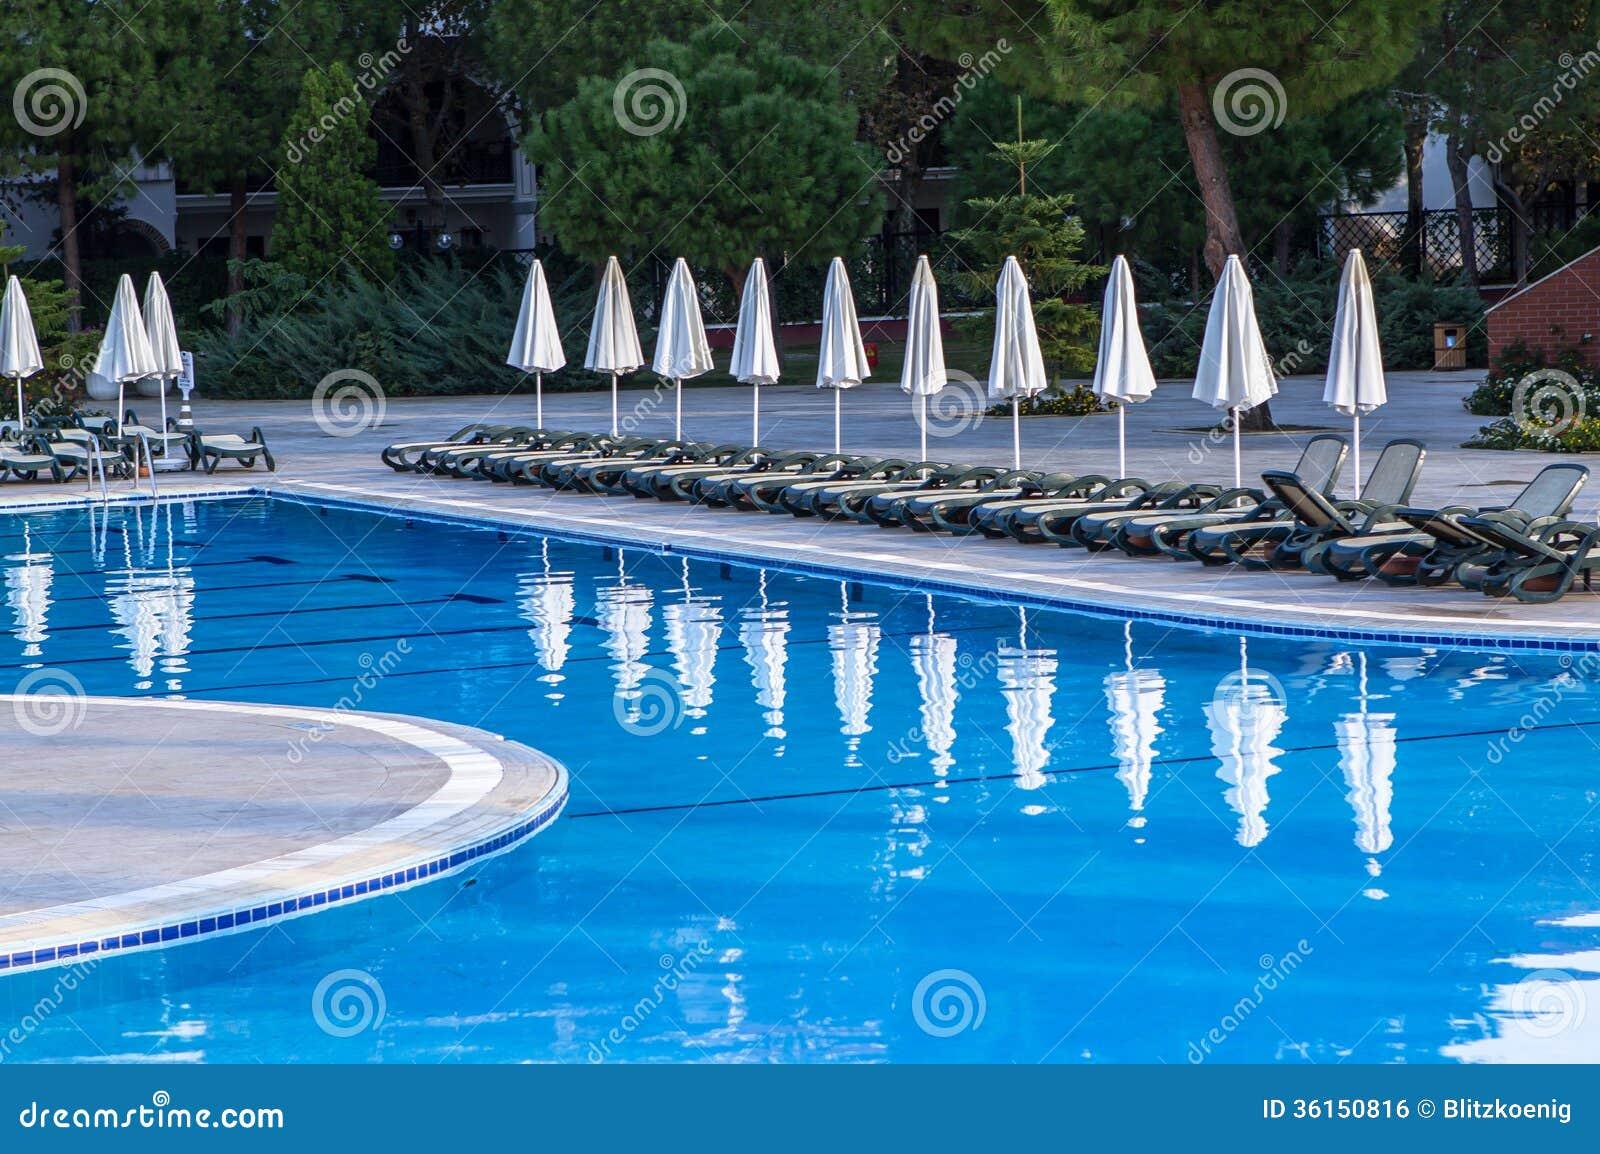 Piscine d 39 h tel photo stock image du fonc vide t for Piscine d hotel